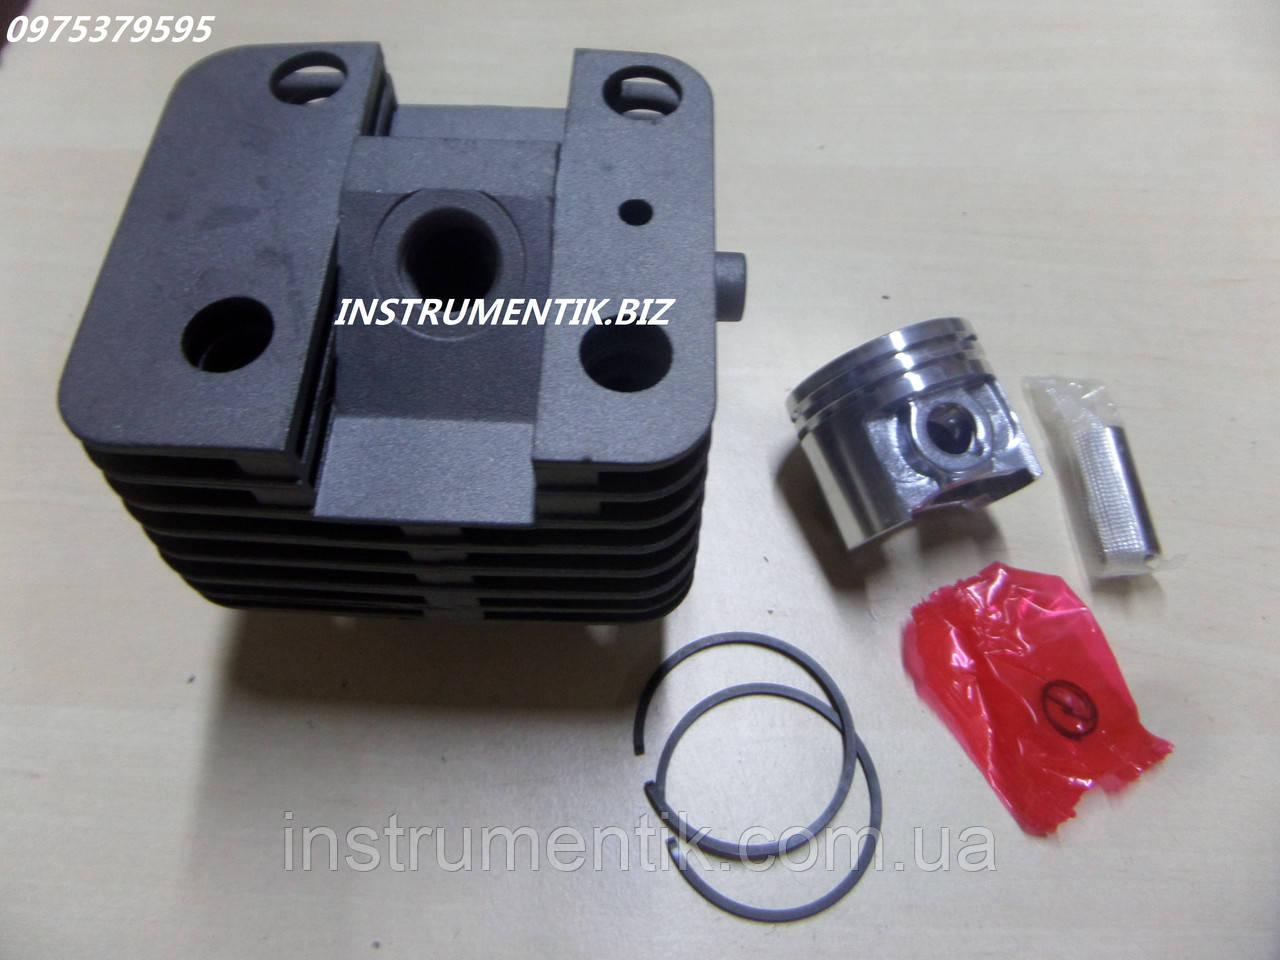 Цилиндр и поршень для Stihl FS 200, FS 250 ( диаметр 40 мм.)